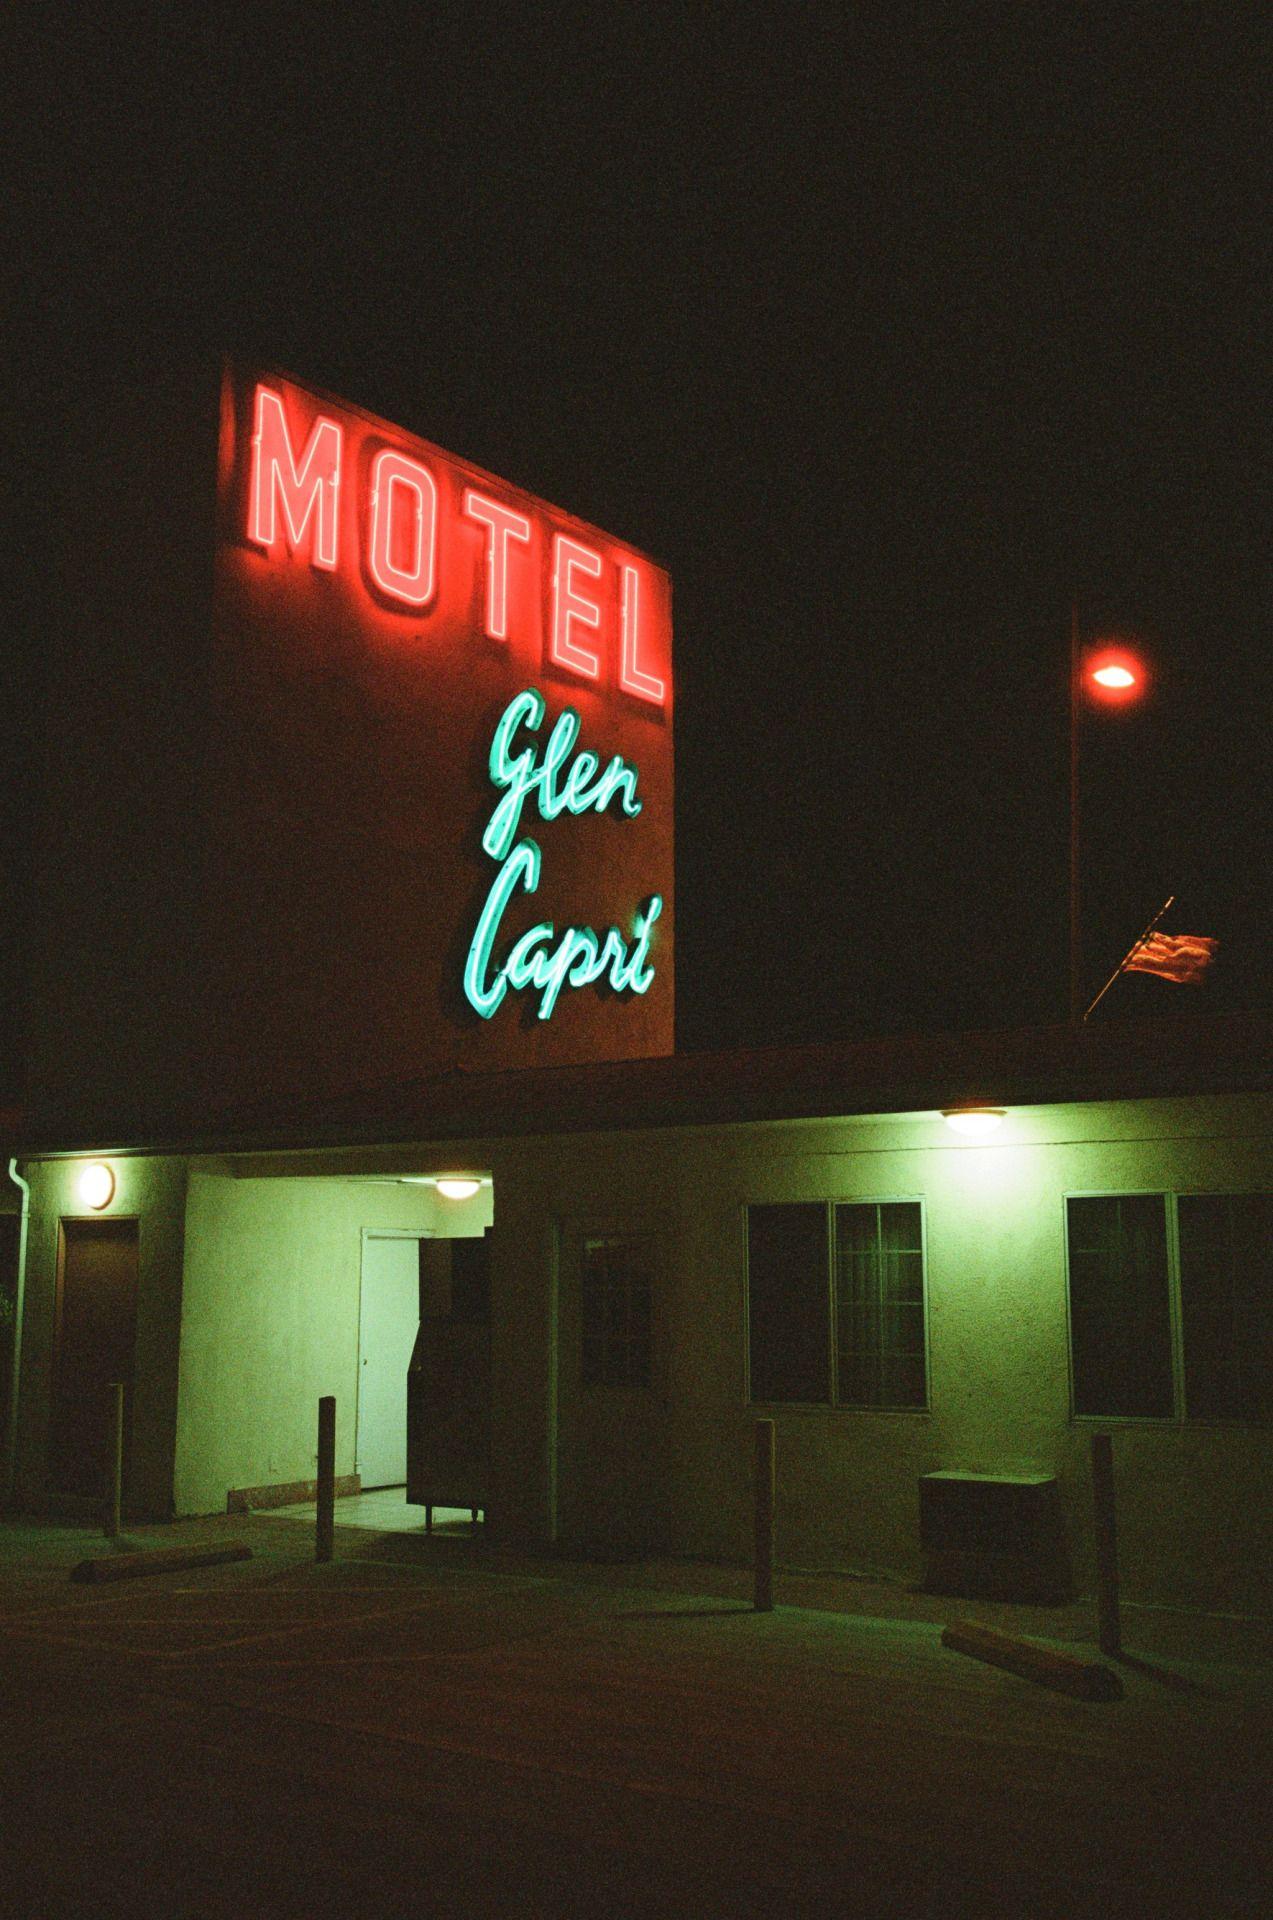 glen capri motel, burbank, california